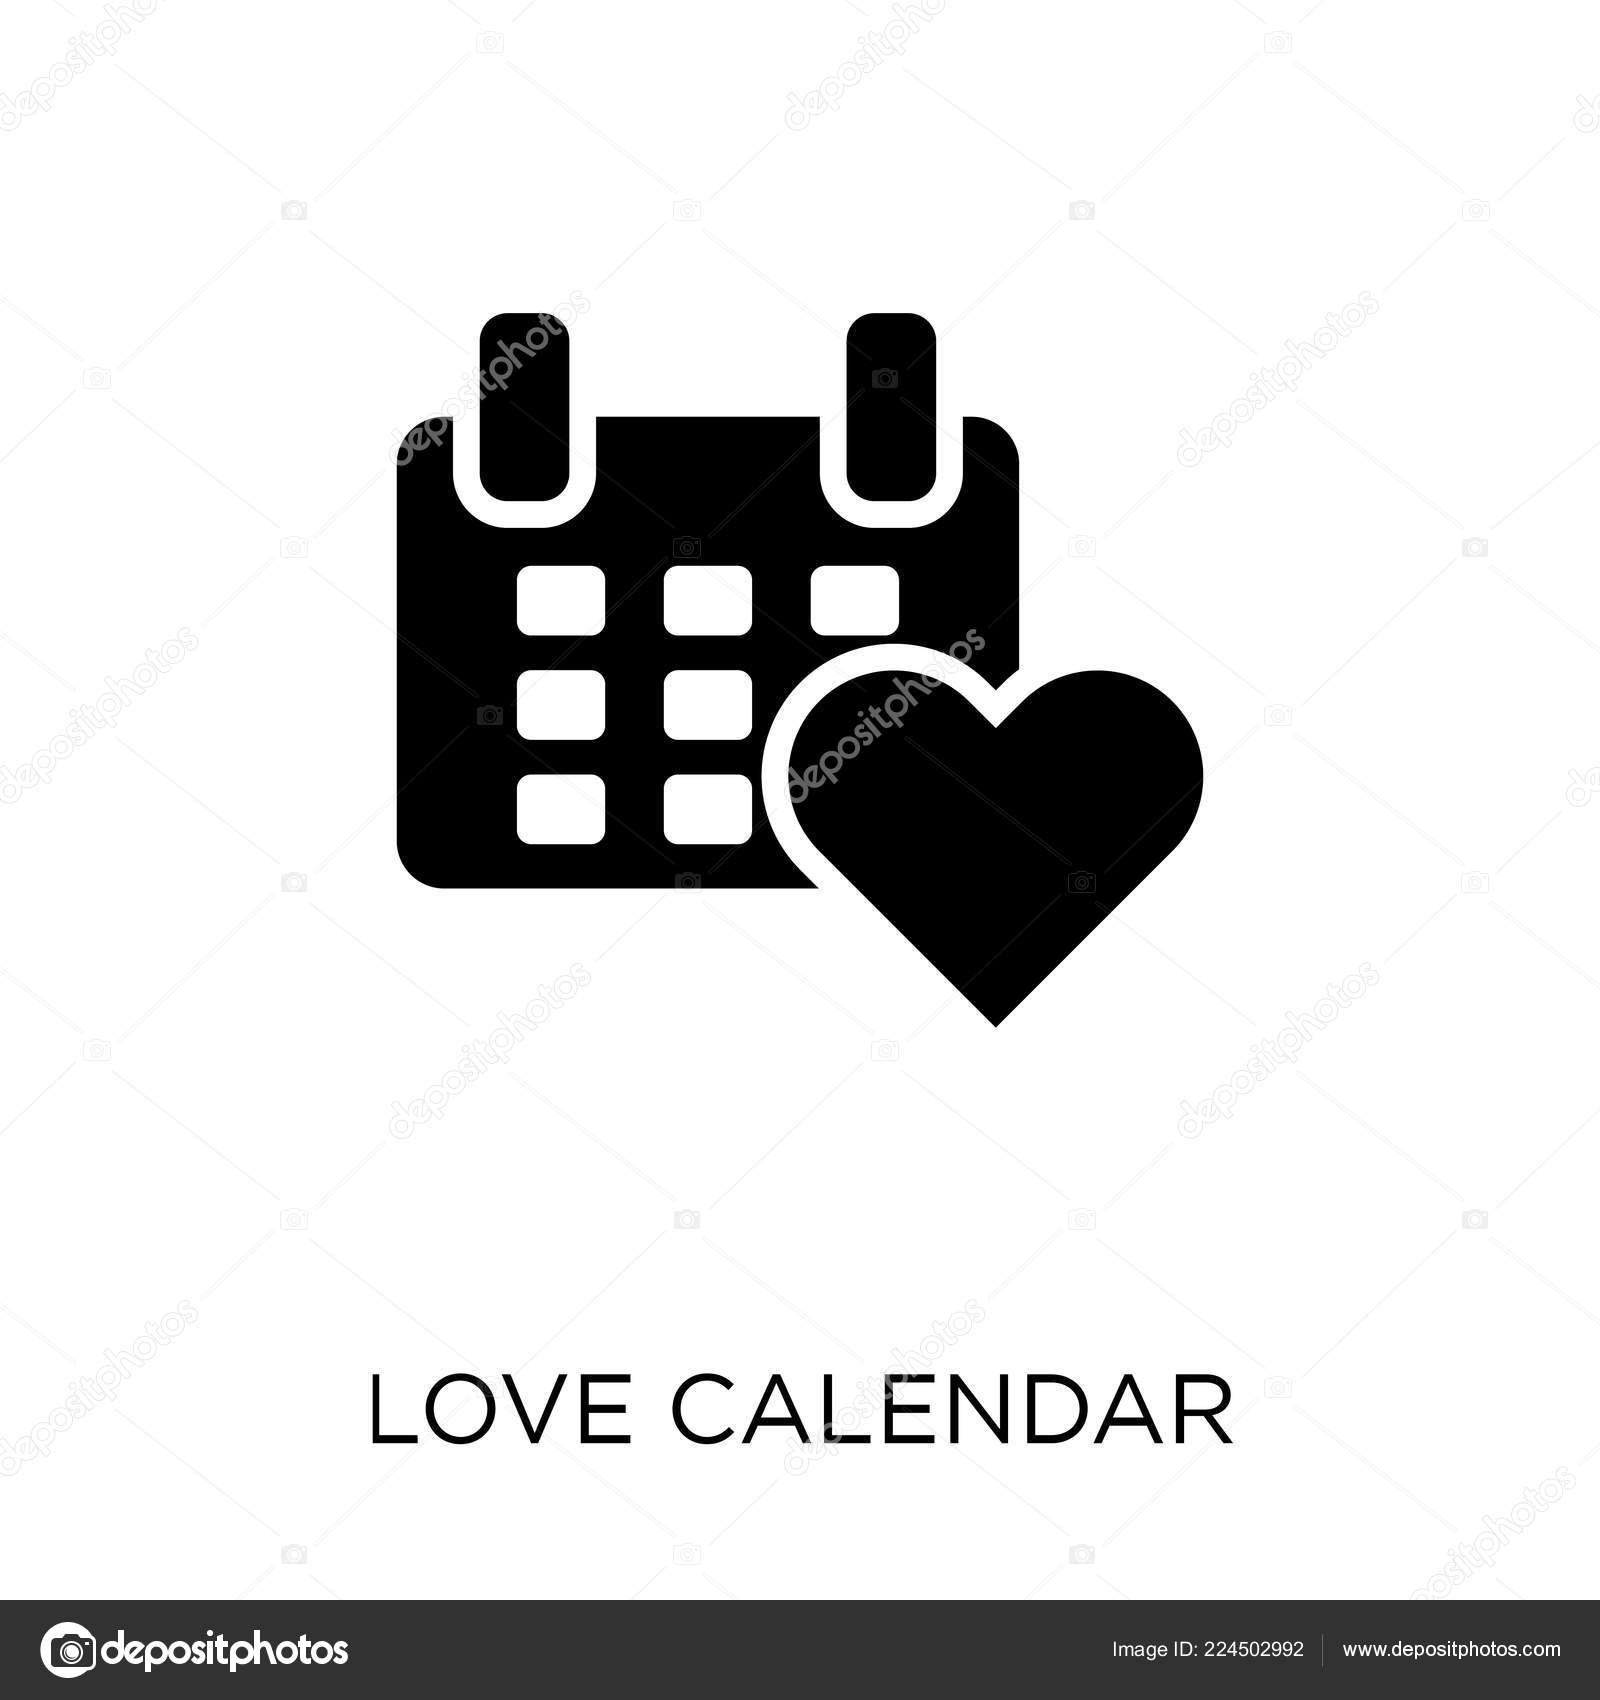 Simbolo De Calendario.Icona Del Calendario Amore Disegno Simbolo Calendario